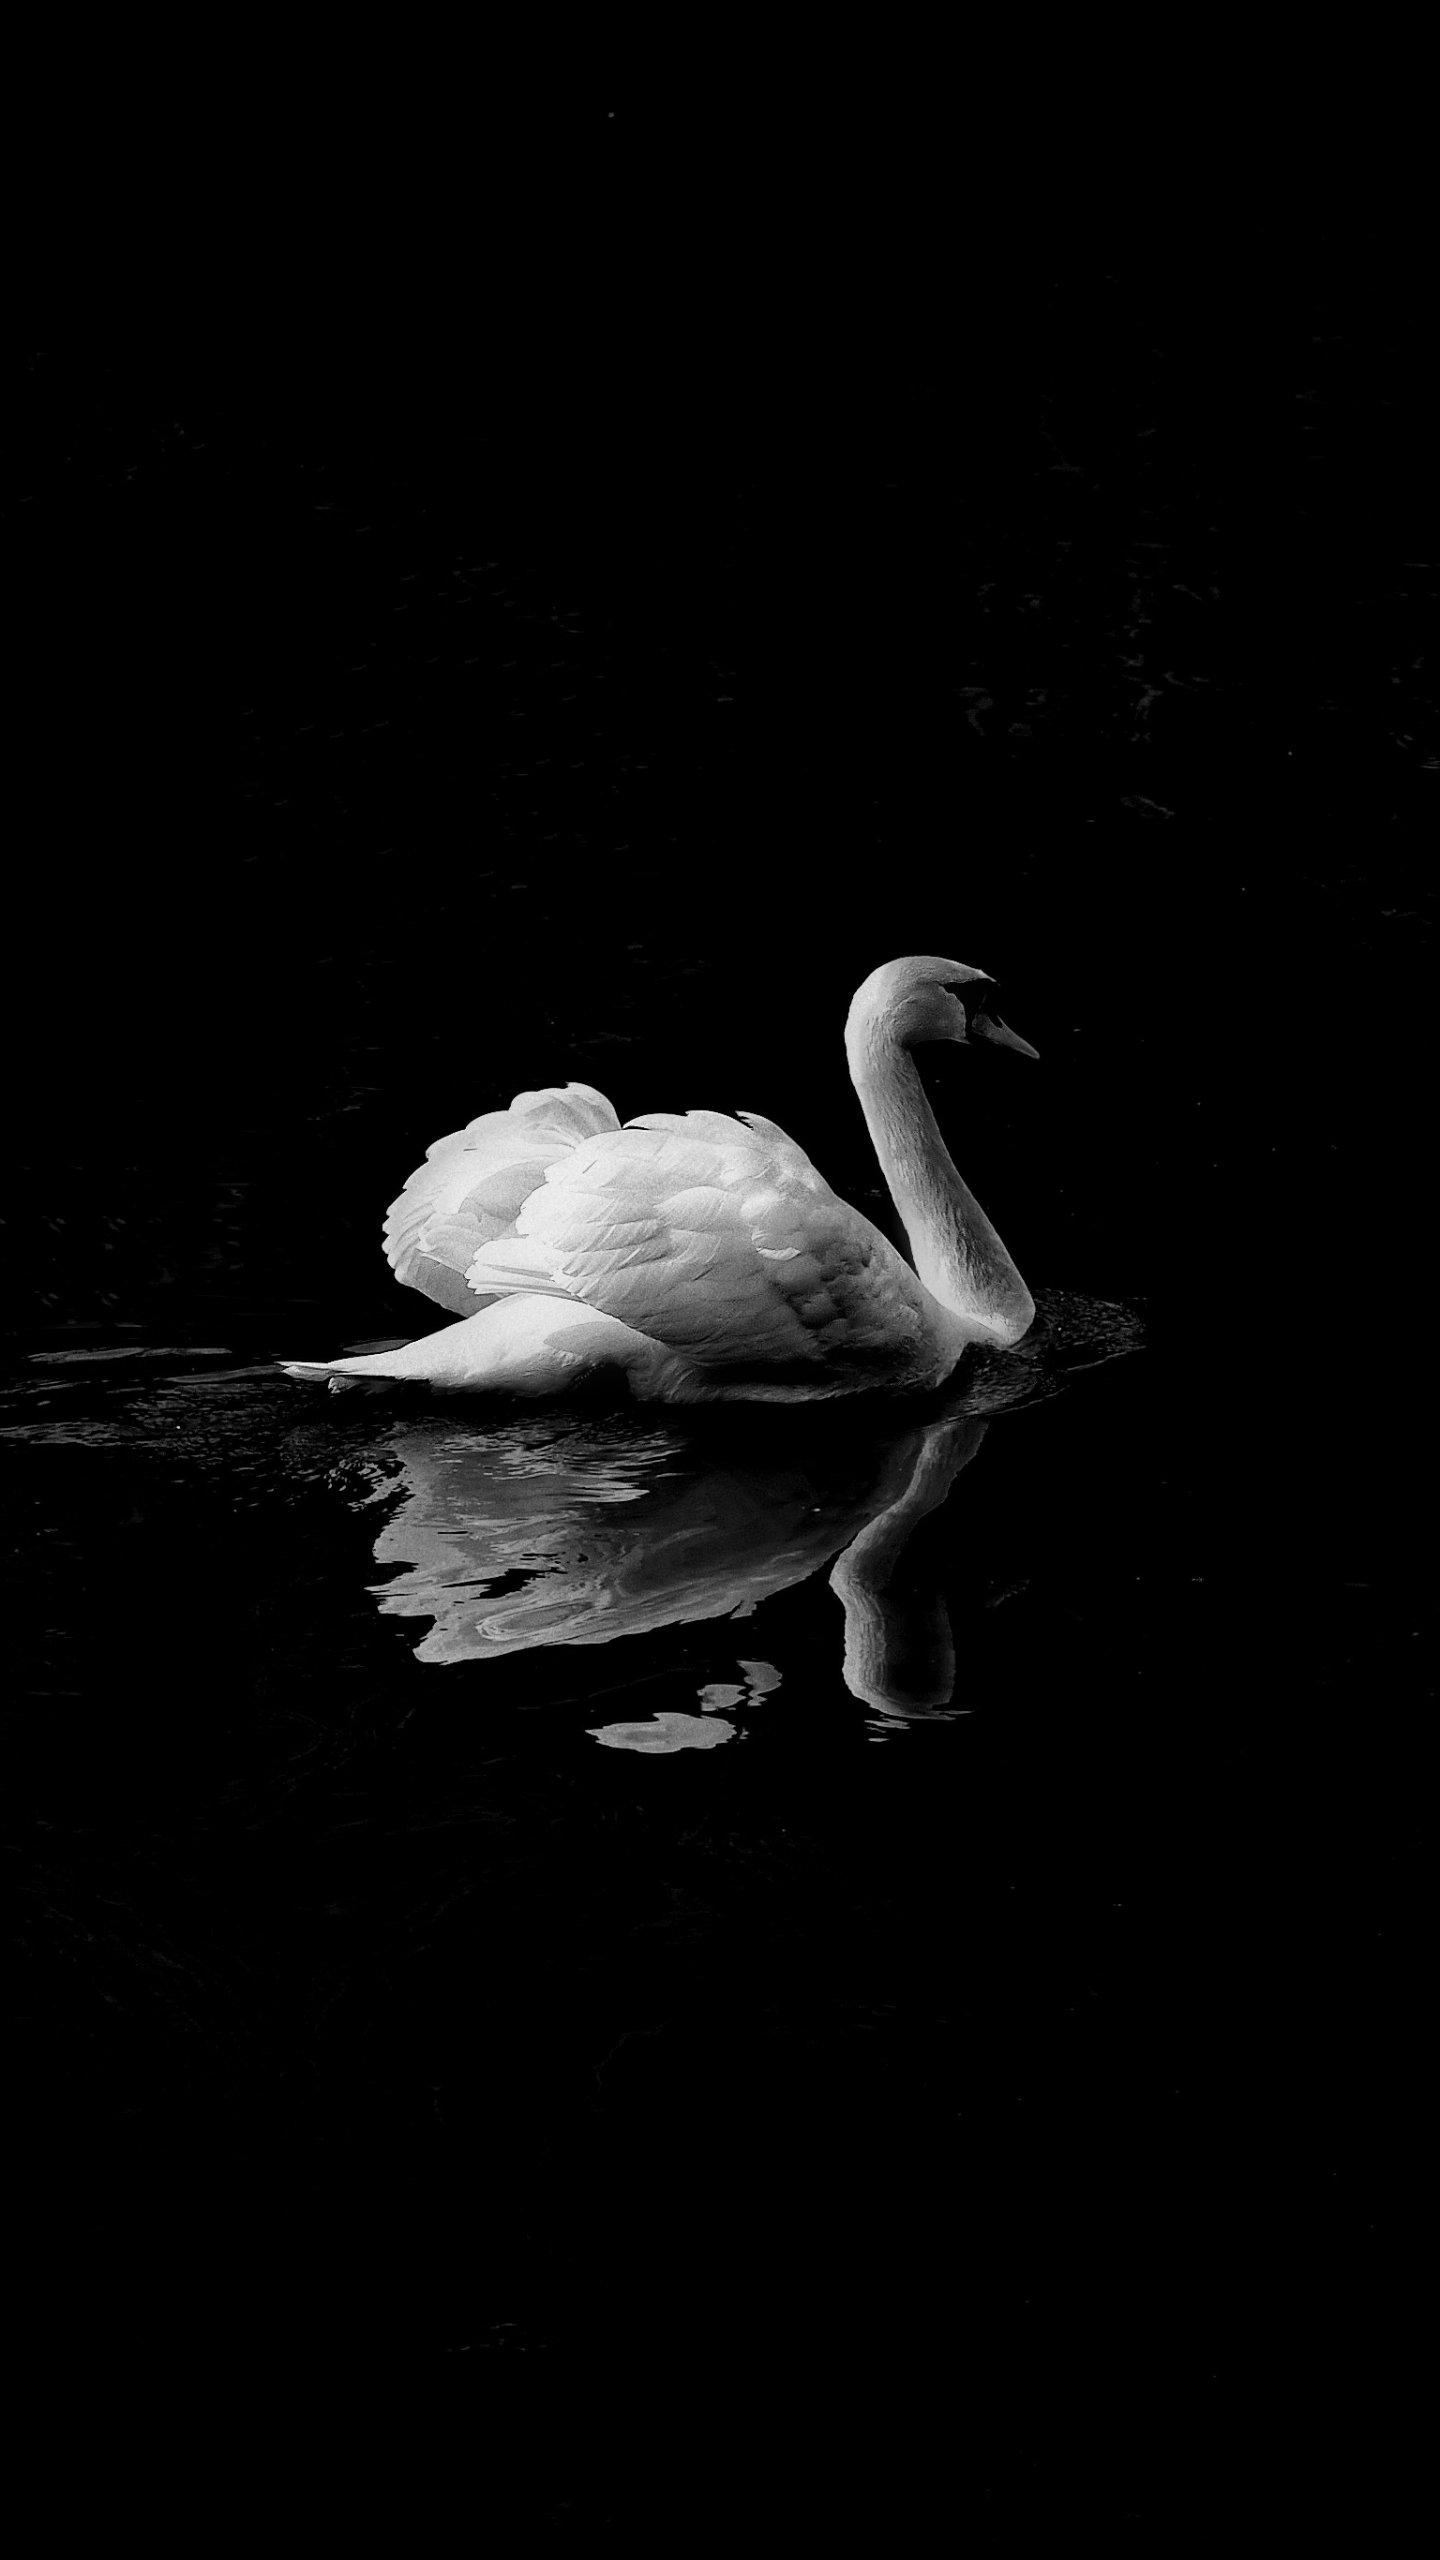 Swan Love Wallpapers Swan Love Wallpapers  Download Free on